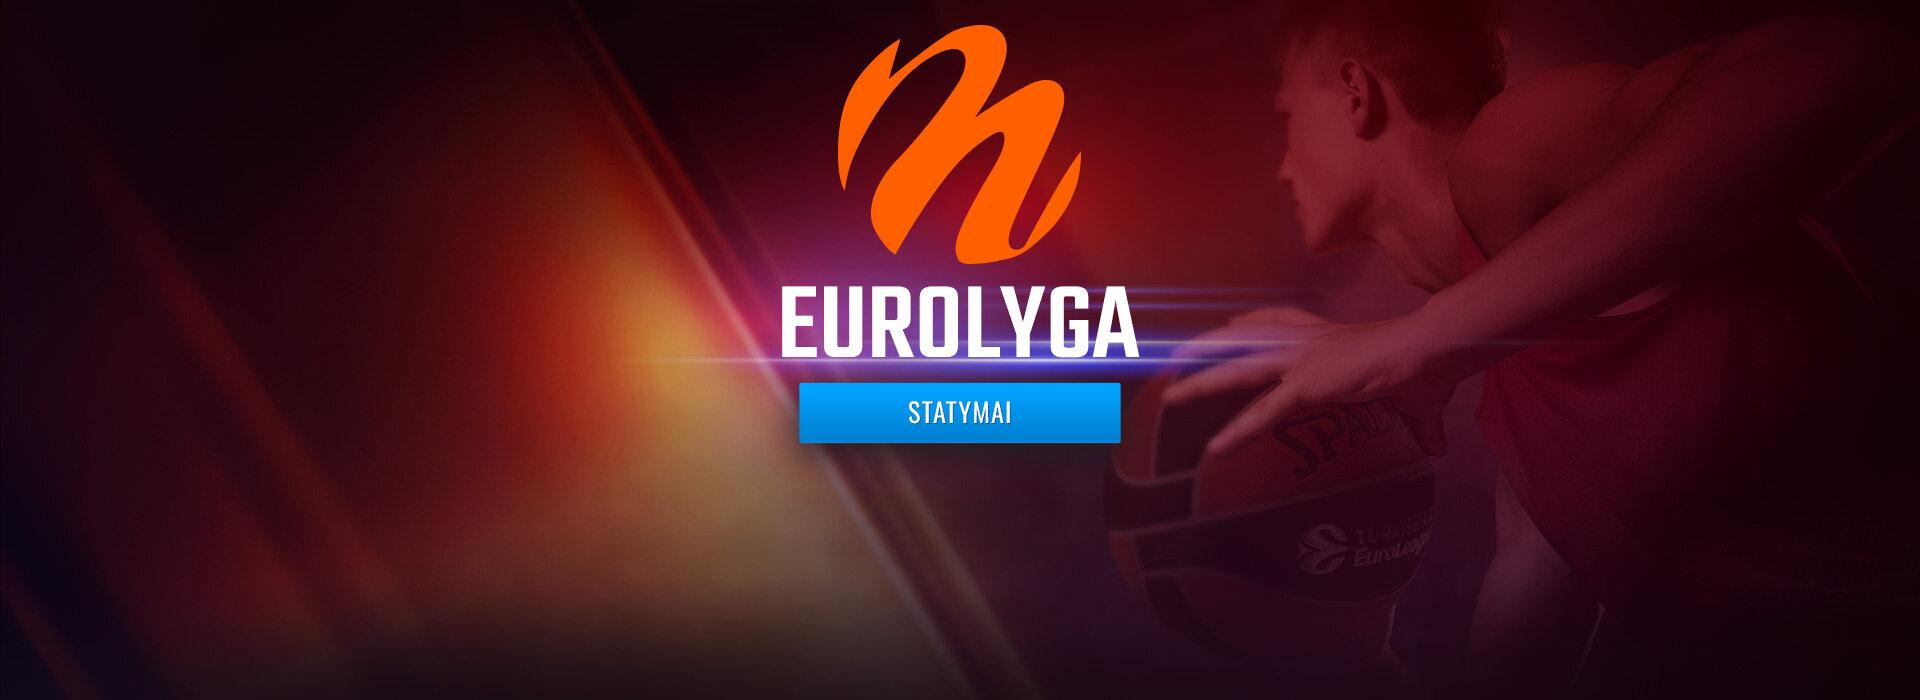 Eurolyga 2020